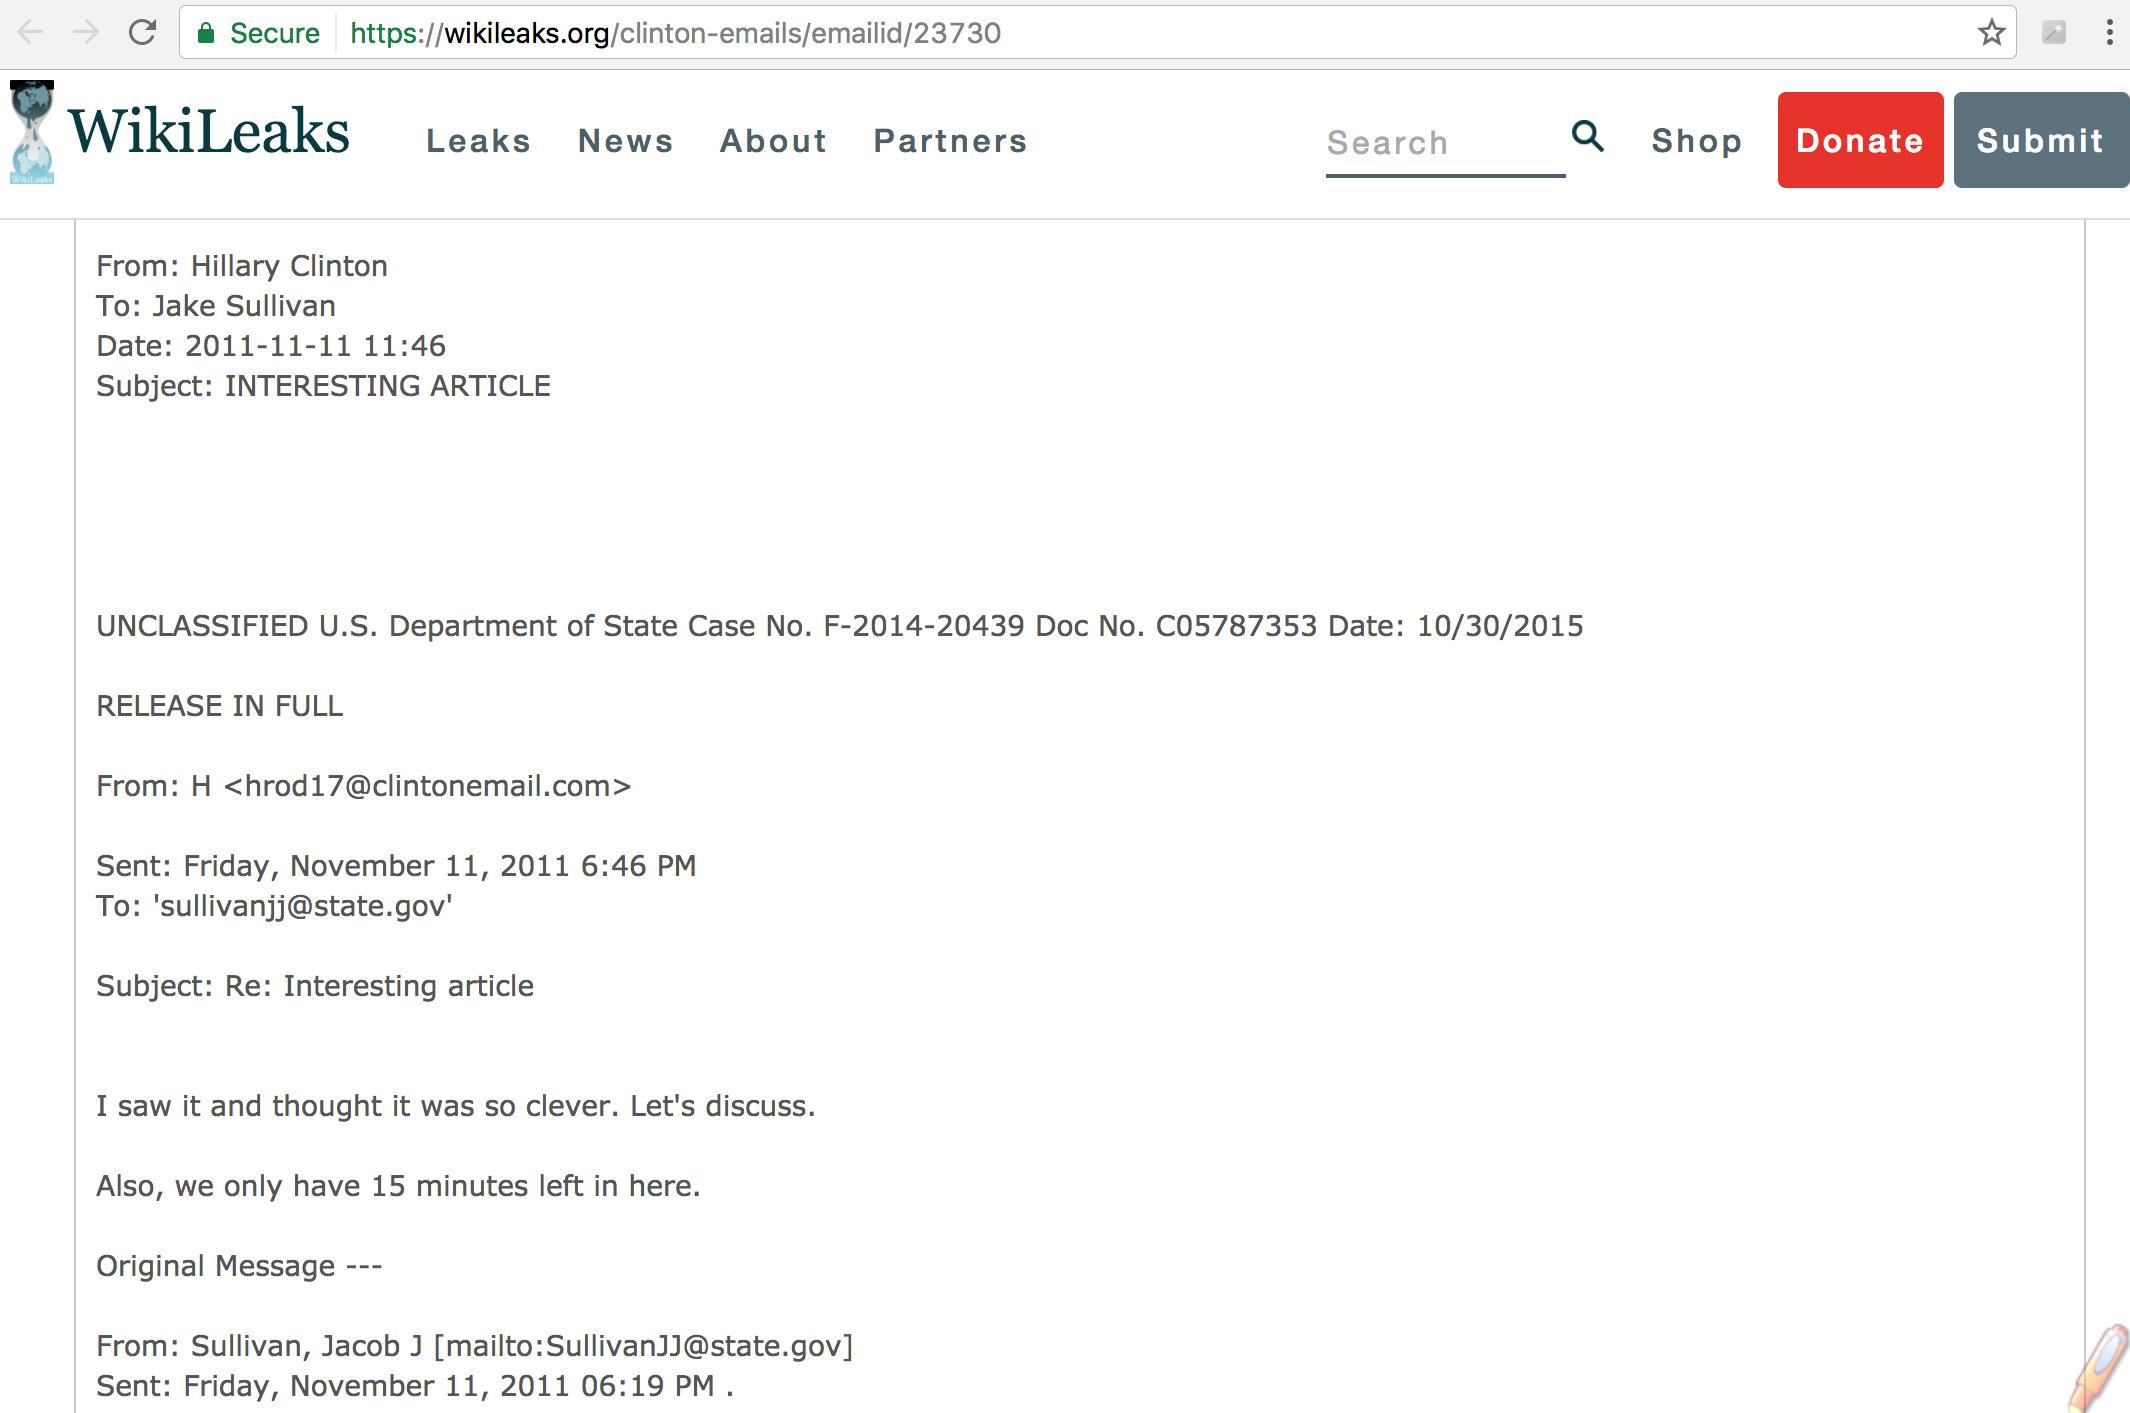 Ảnh chụp màn hình từ trang Wikileaks